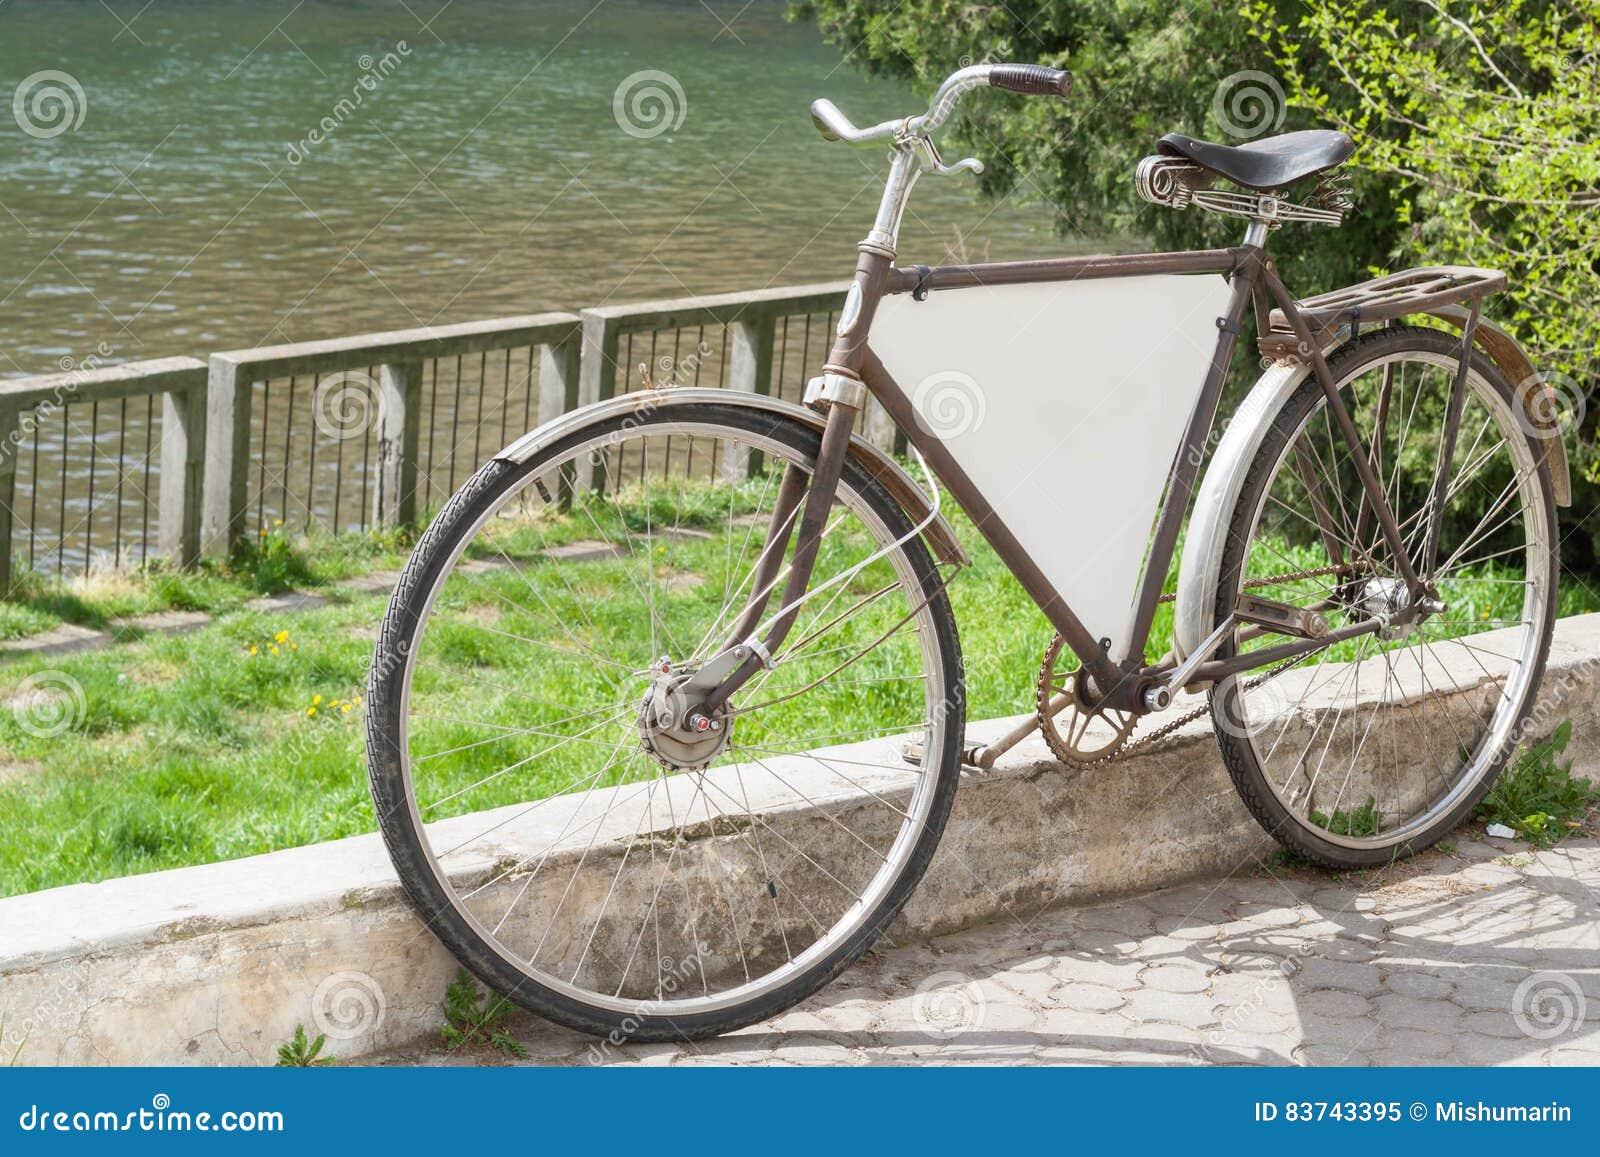 Παλαιά αναδρομική διαφήμιση ποδηλάτων